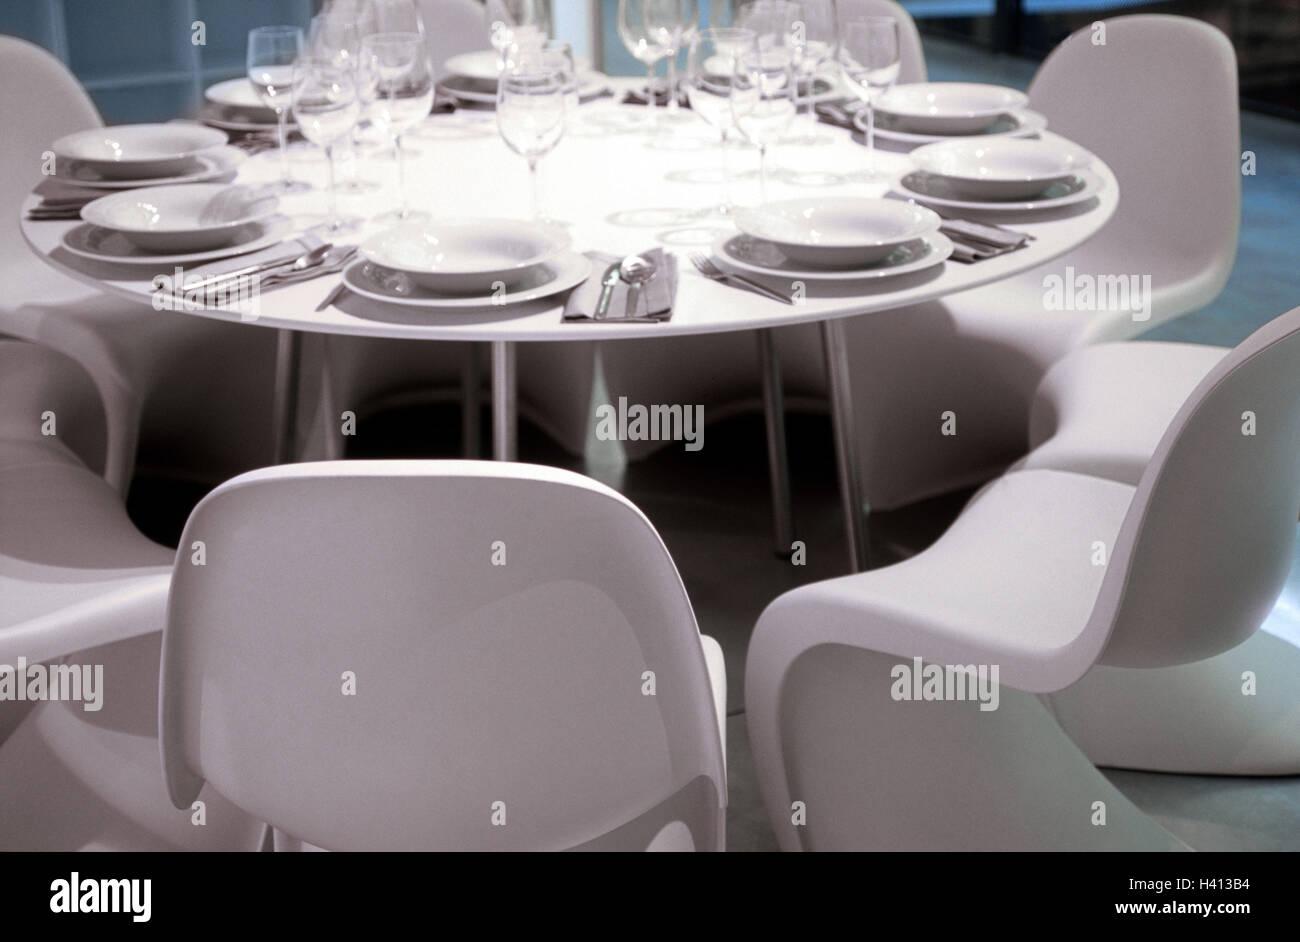 Esszimmer Tisch, überdachte, Kunststoff Stühle, Weiß, Esszimmer, Tisch, Um  überdachte, Decke, Essen Geschirr, Teller, Platte, Instrumente, Besteck,  Gläser, ...